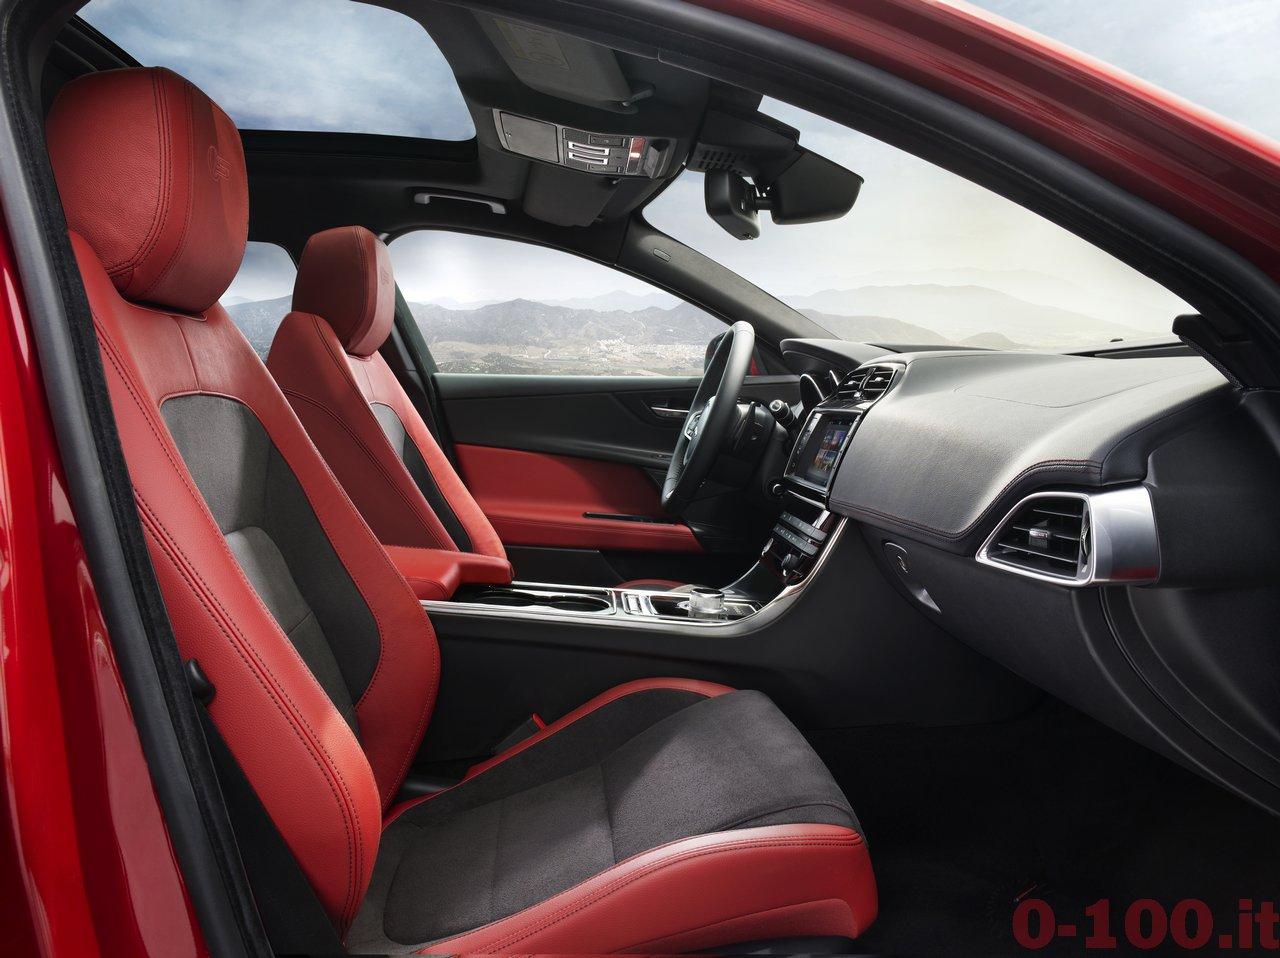 jaguar-xe-s-prezzo-price-2015_0-100_21